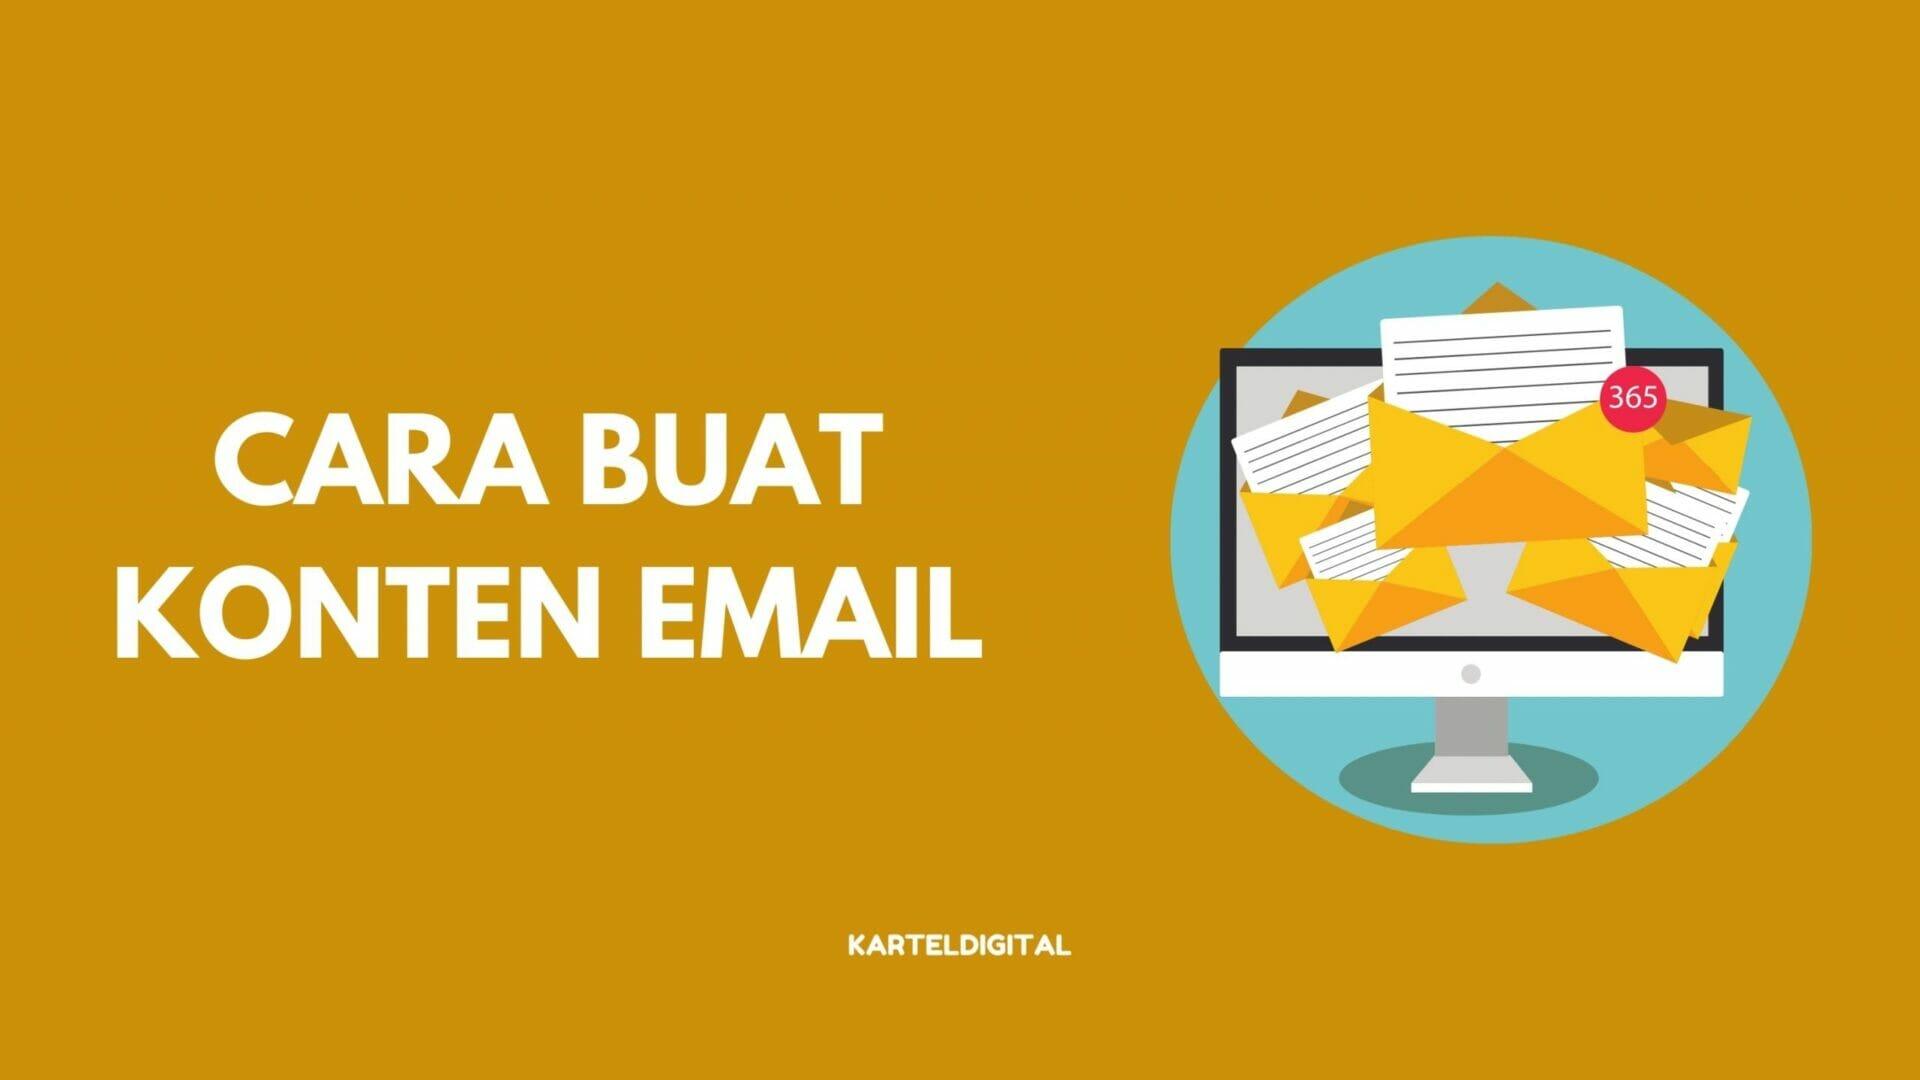 Cara buat konten email